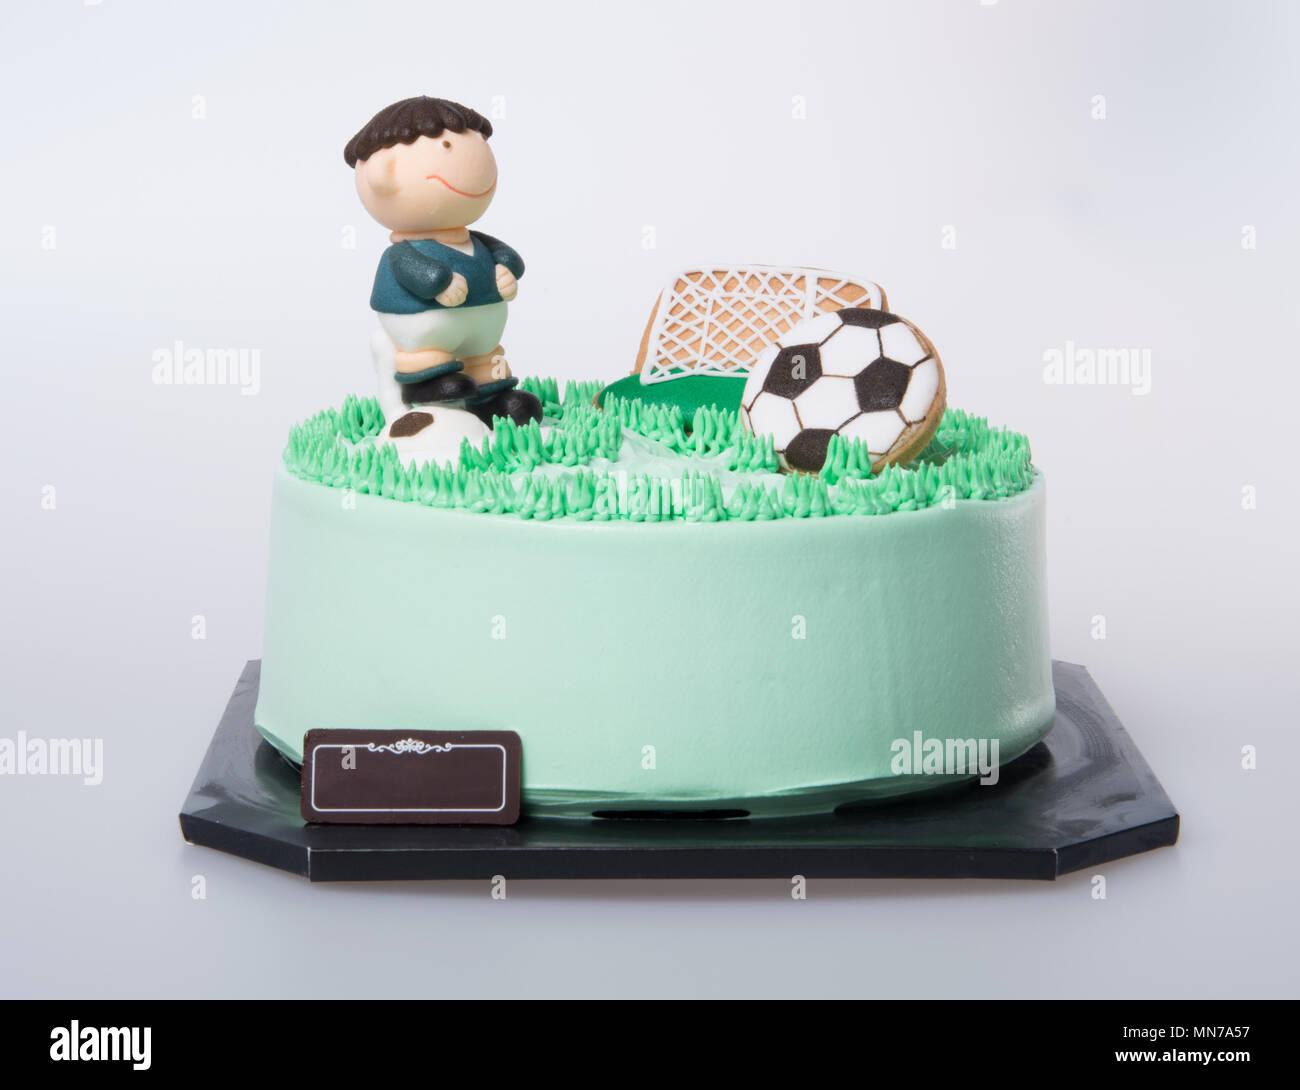 Kuchen Oder Fussball Kuchen Auf Einem Hintergrund Stockfoto